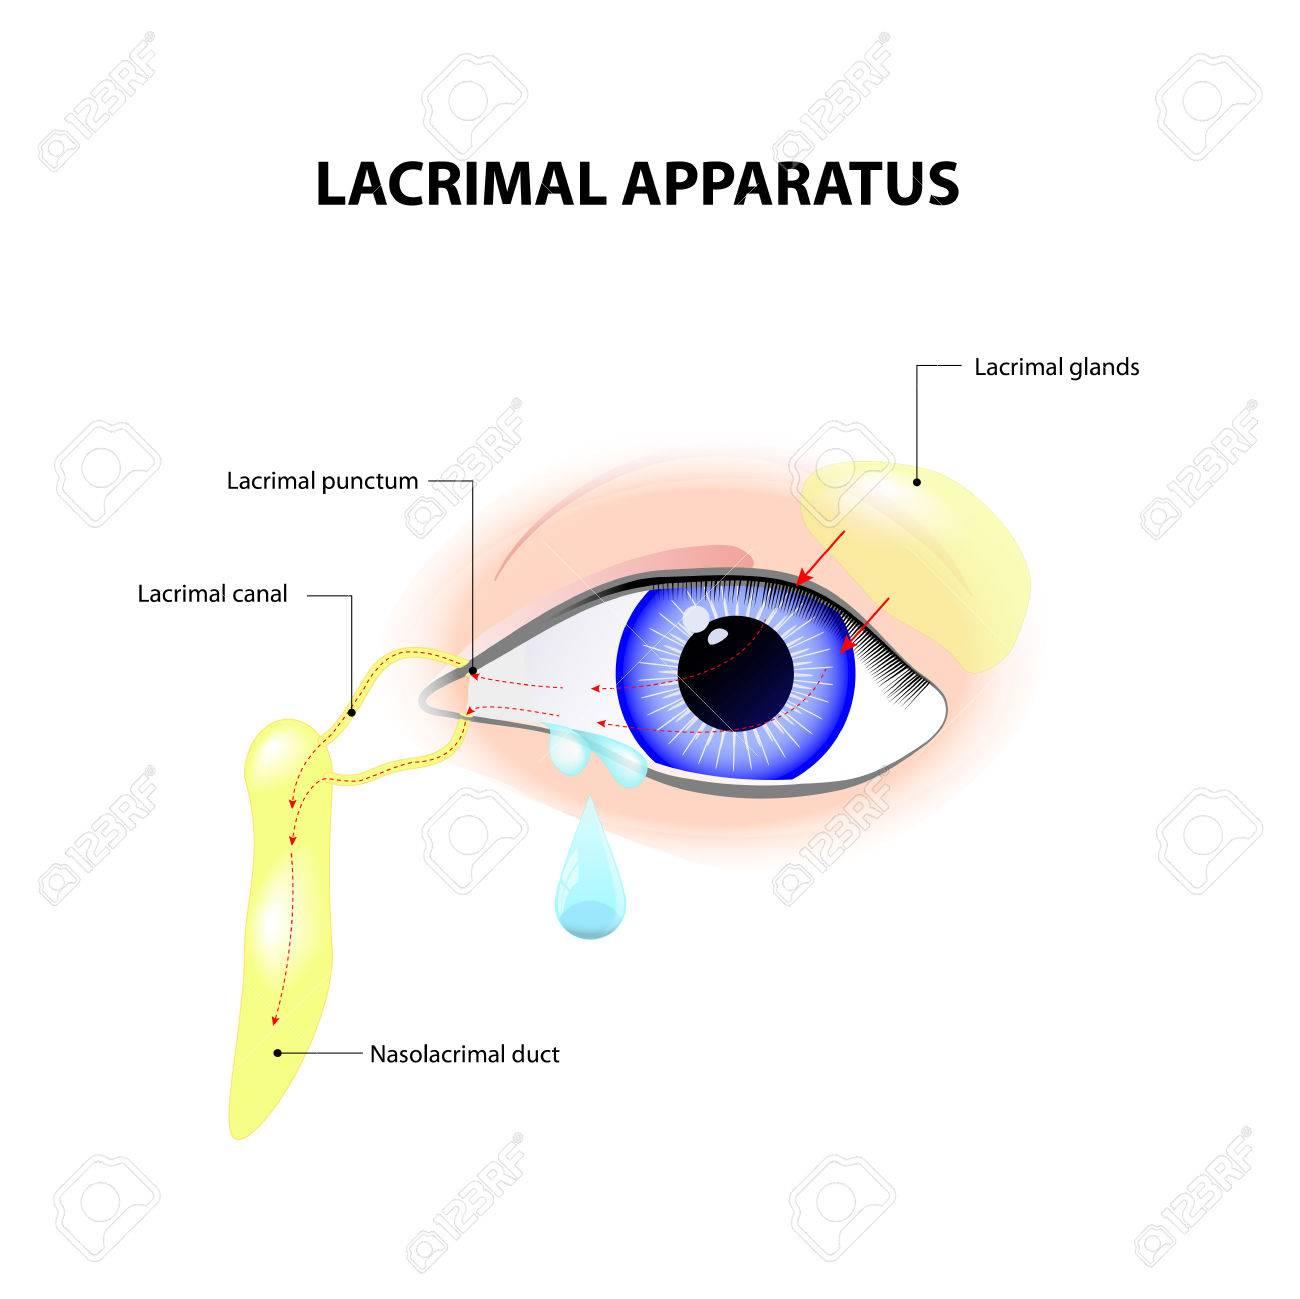 Famoso Anatomía Del Aparato Lagrimal Composición - Anatomía de Las ...